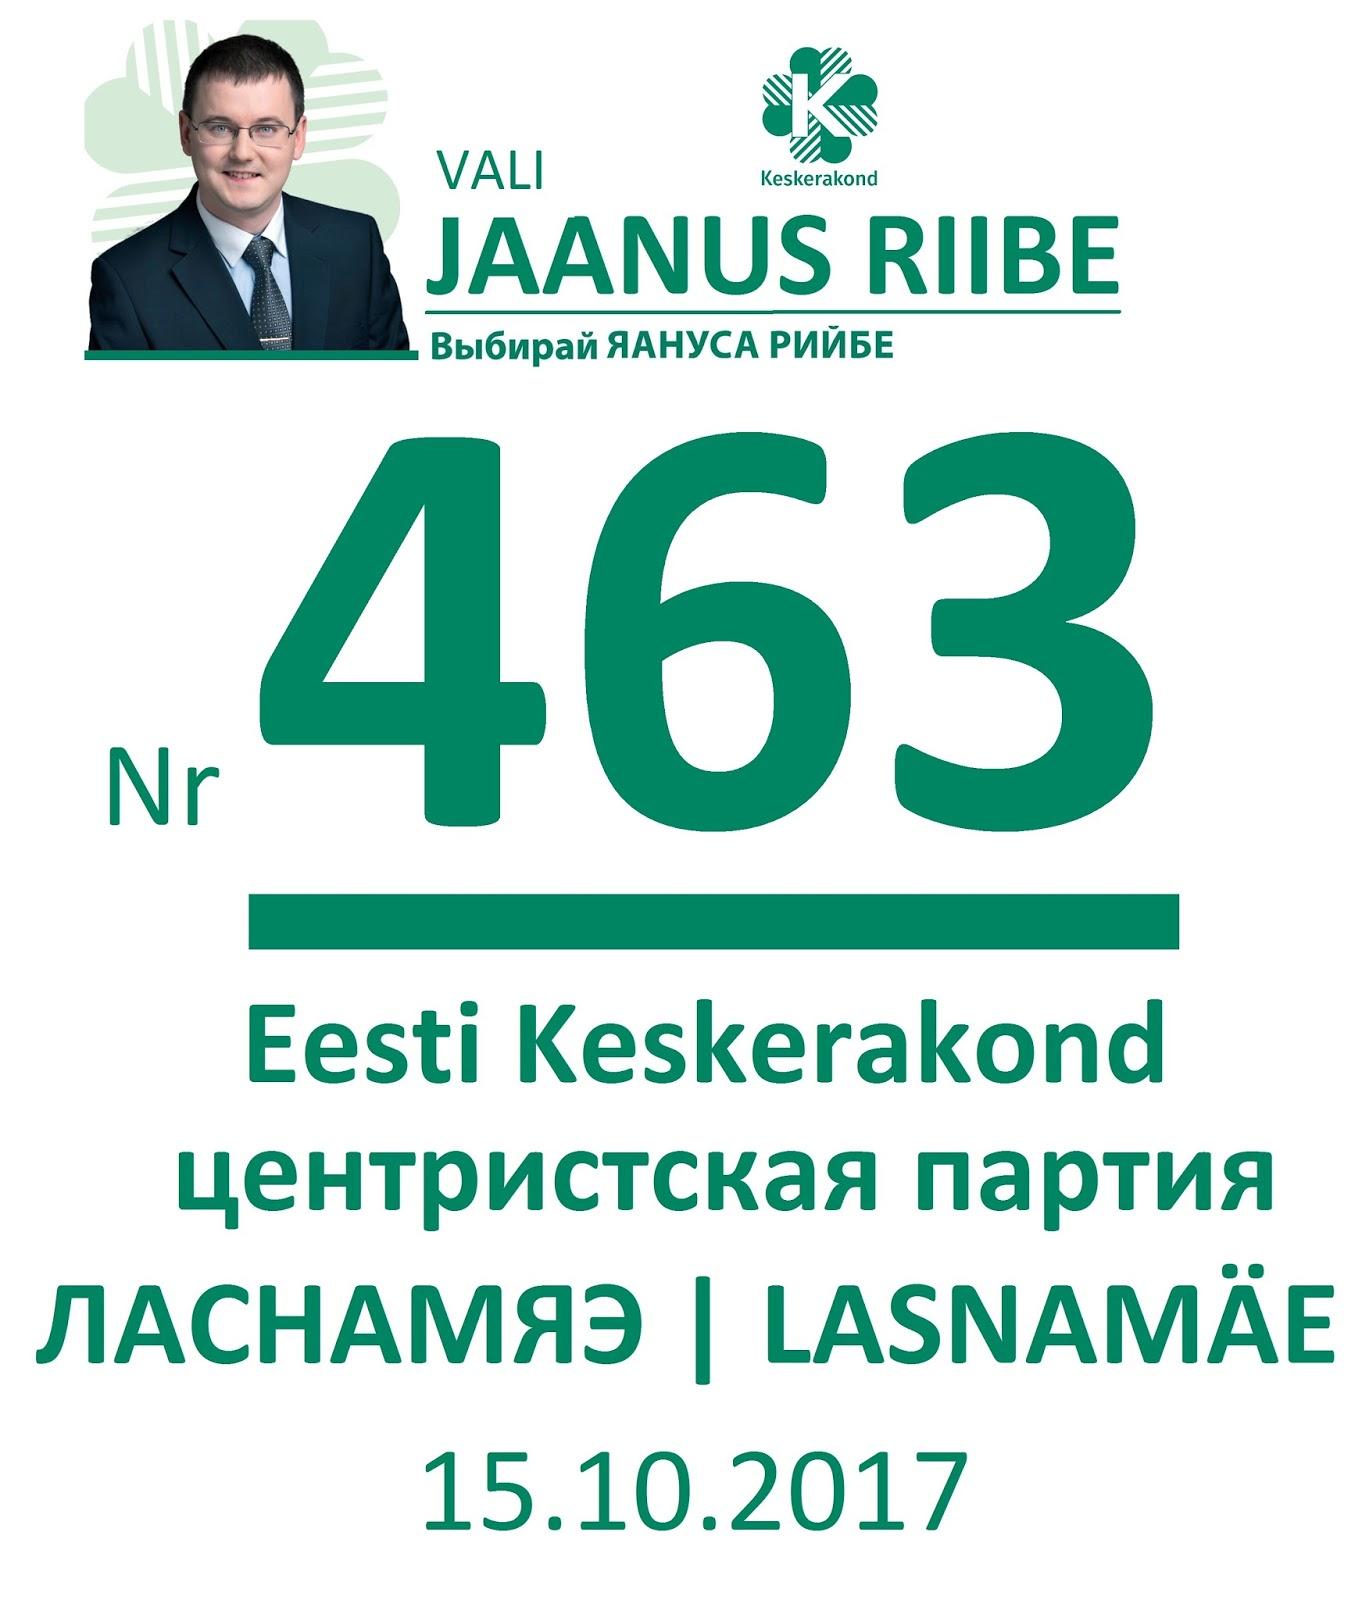 JAANUS RIIBE nr 463